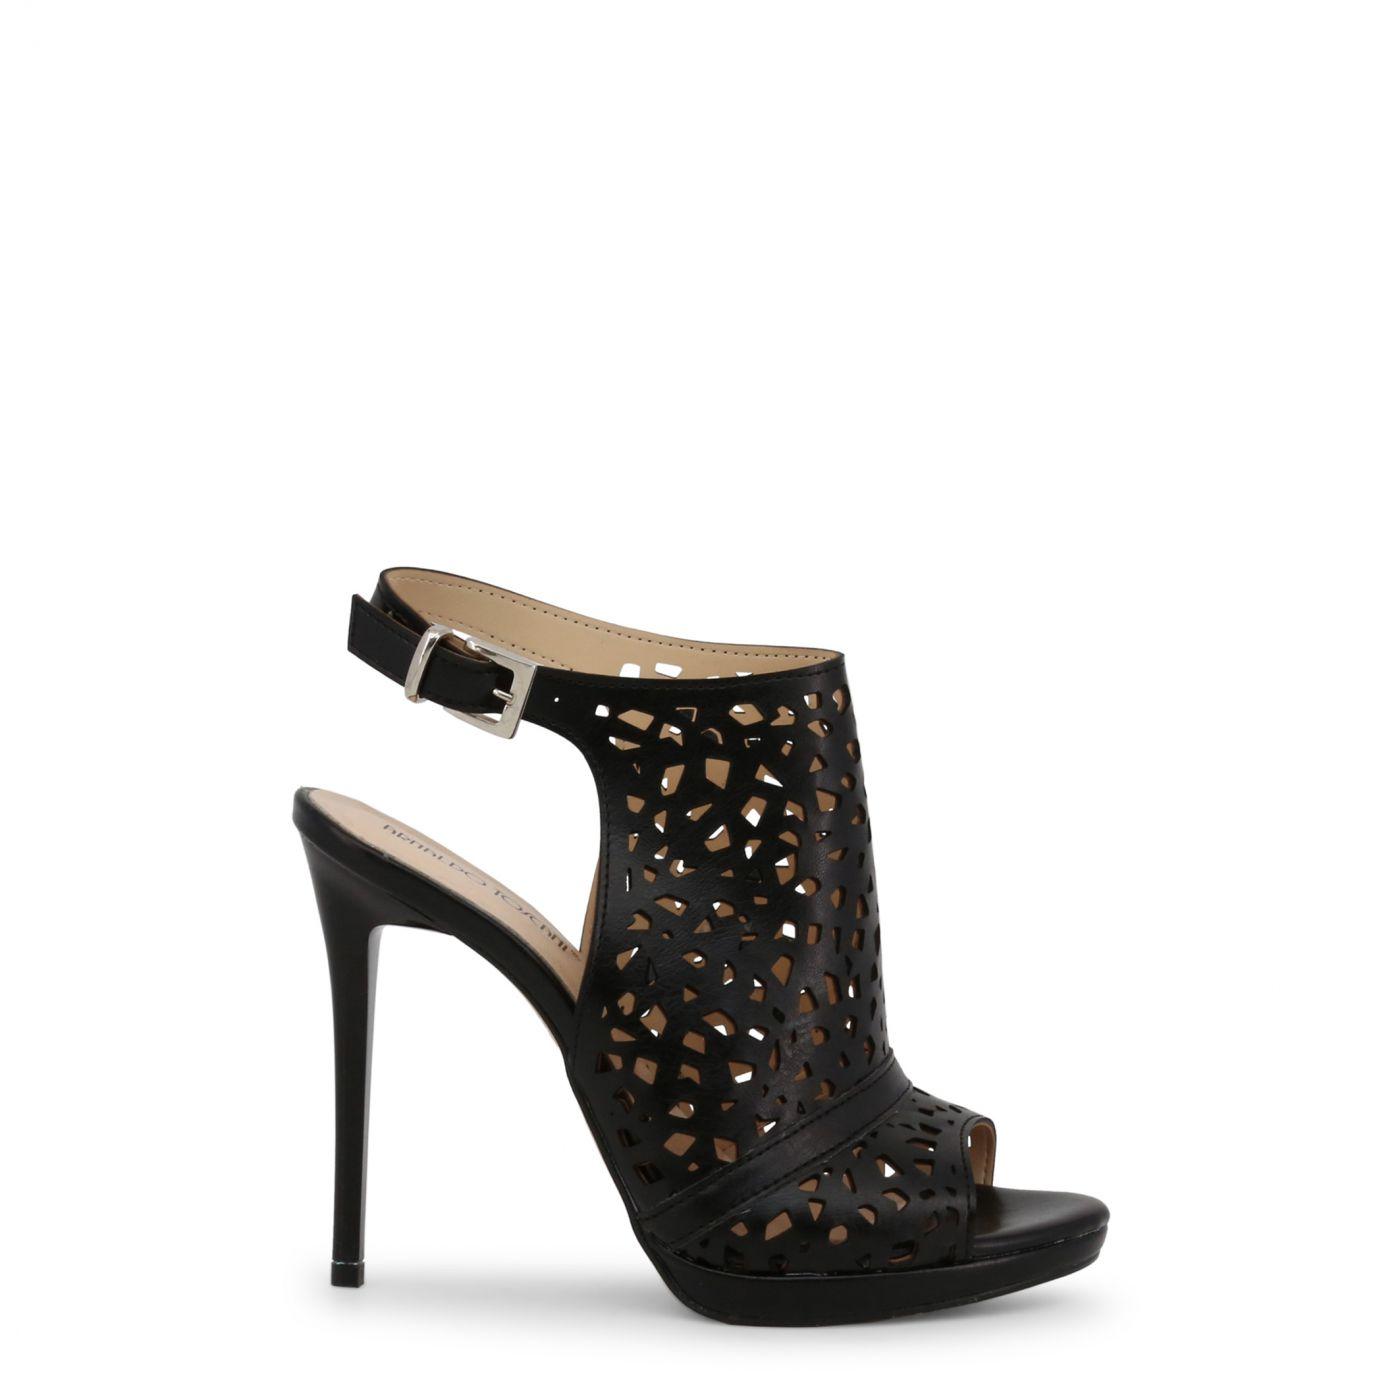 Women's sandals  Arnaldo Toscani High heeled